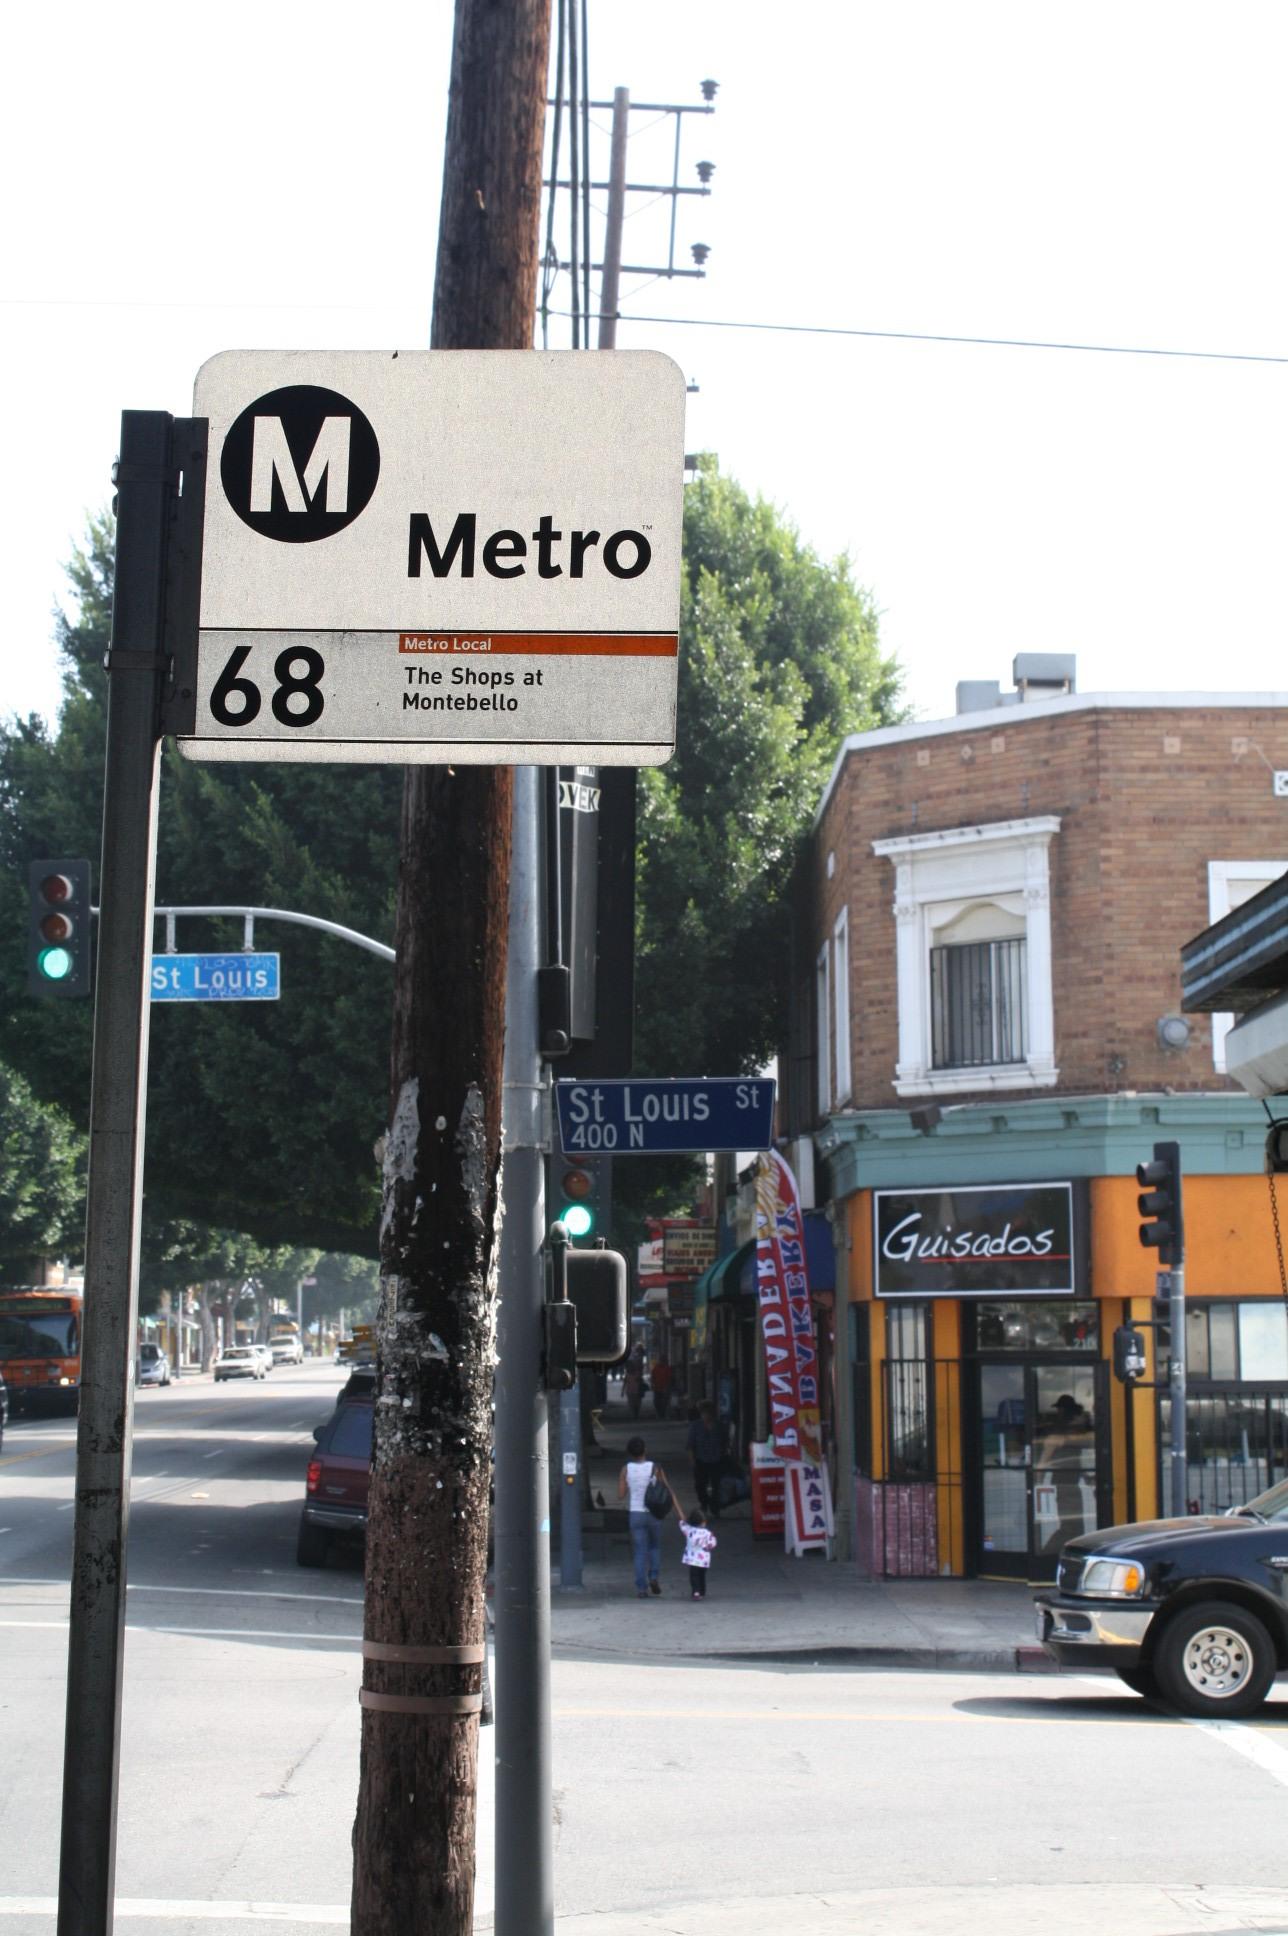 La Línea 68 de Metro lo deja prácticamente en la puerta. (Foto Agustín Durán/El Pasajero)